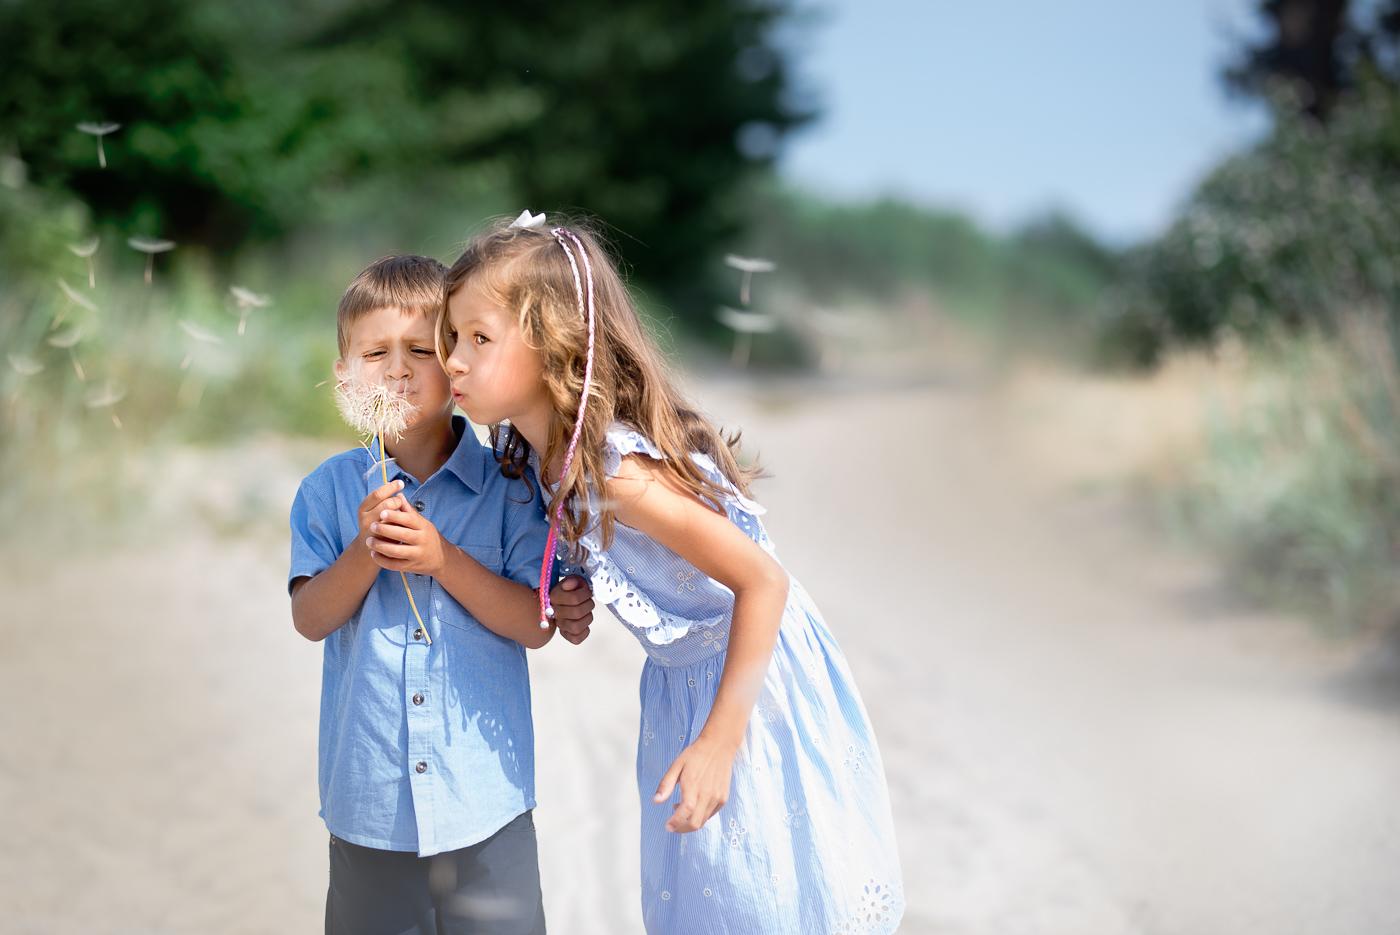 dzieci dmuchają dmuchawca na wietrze_Fotografia Anita Talaśka